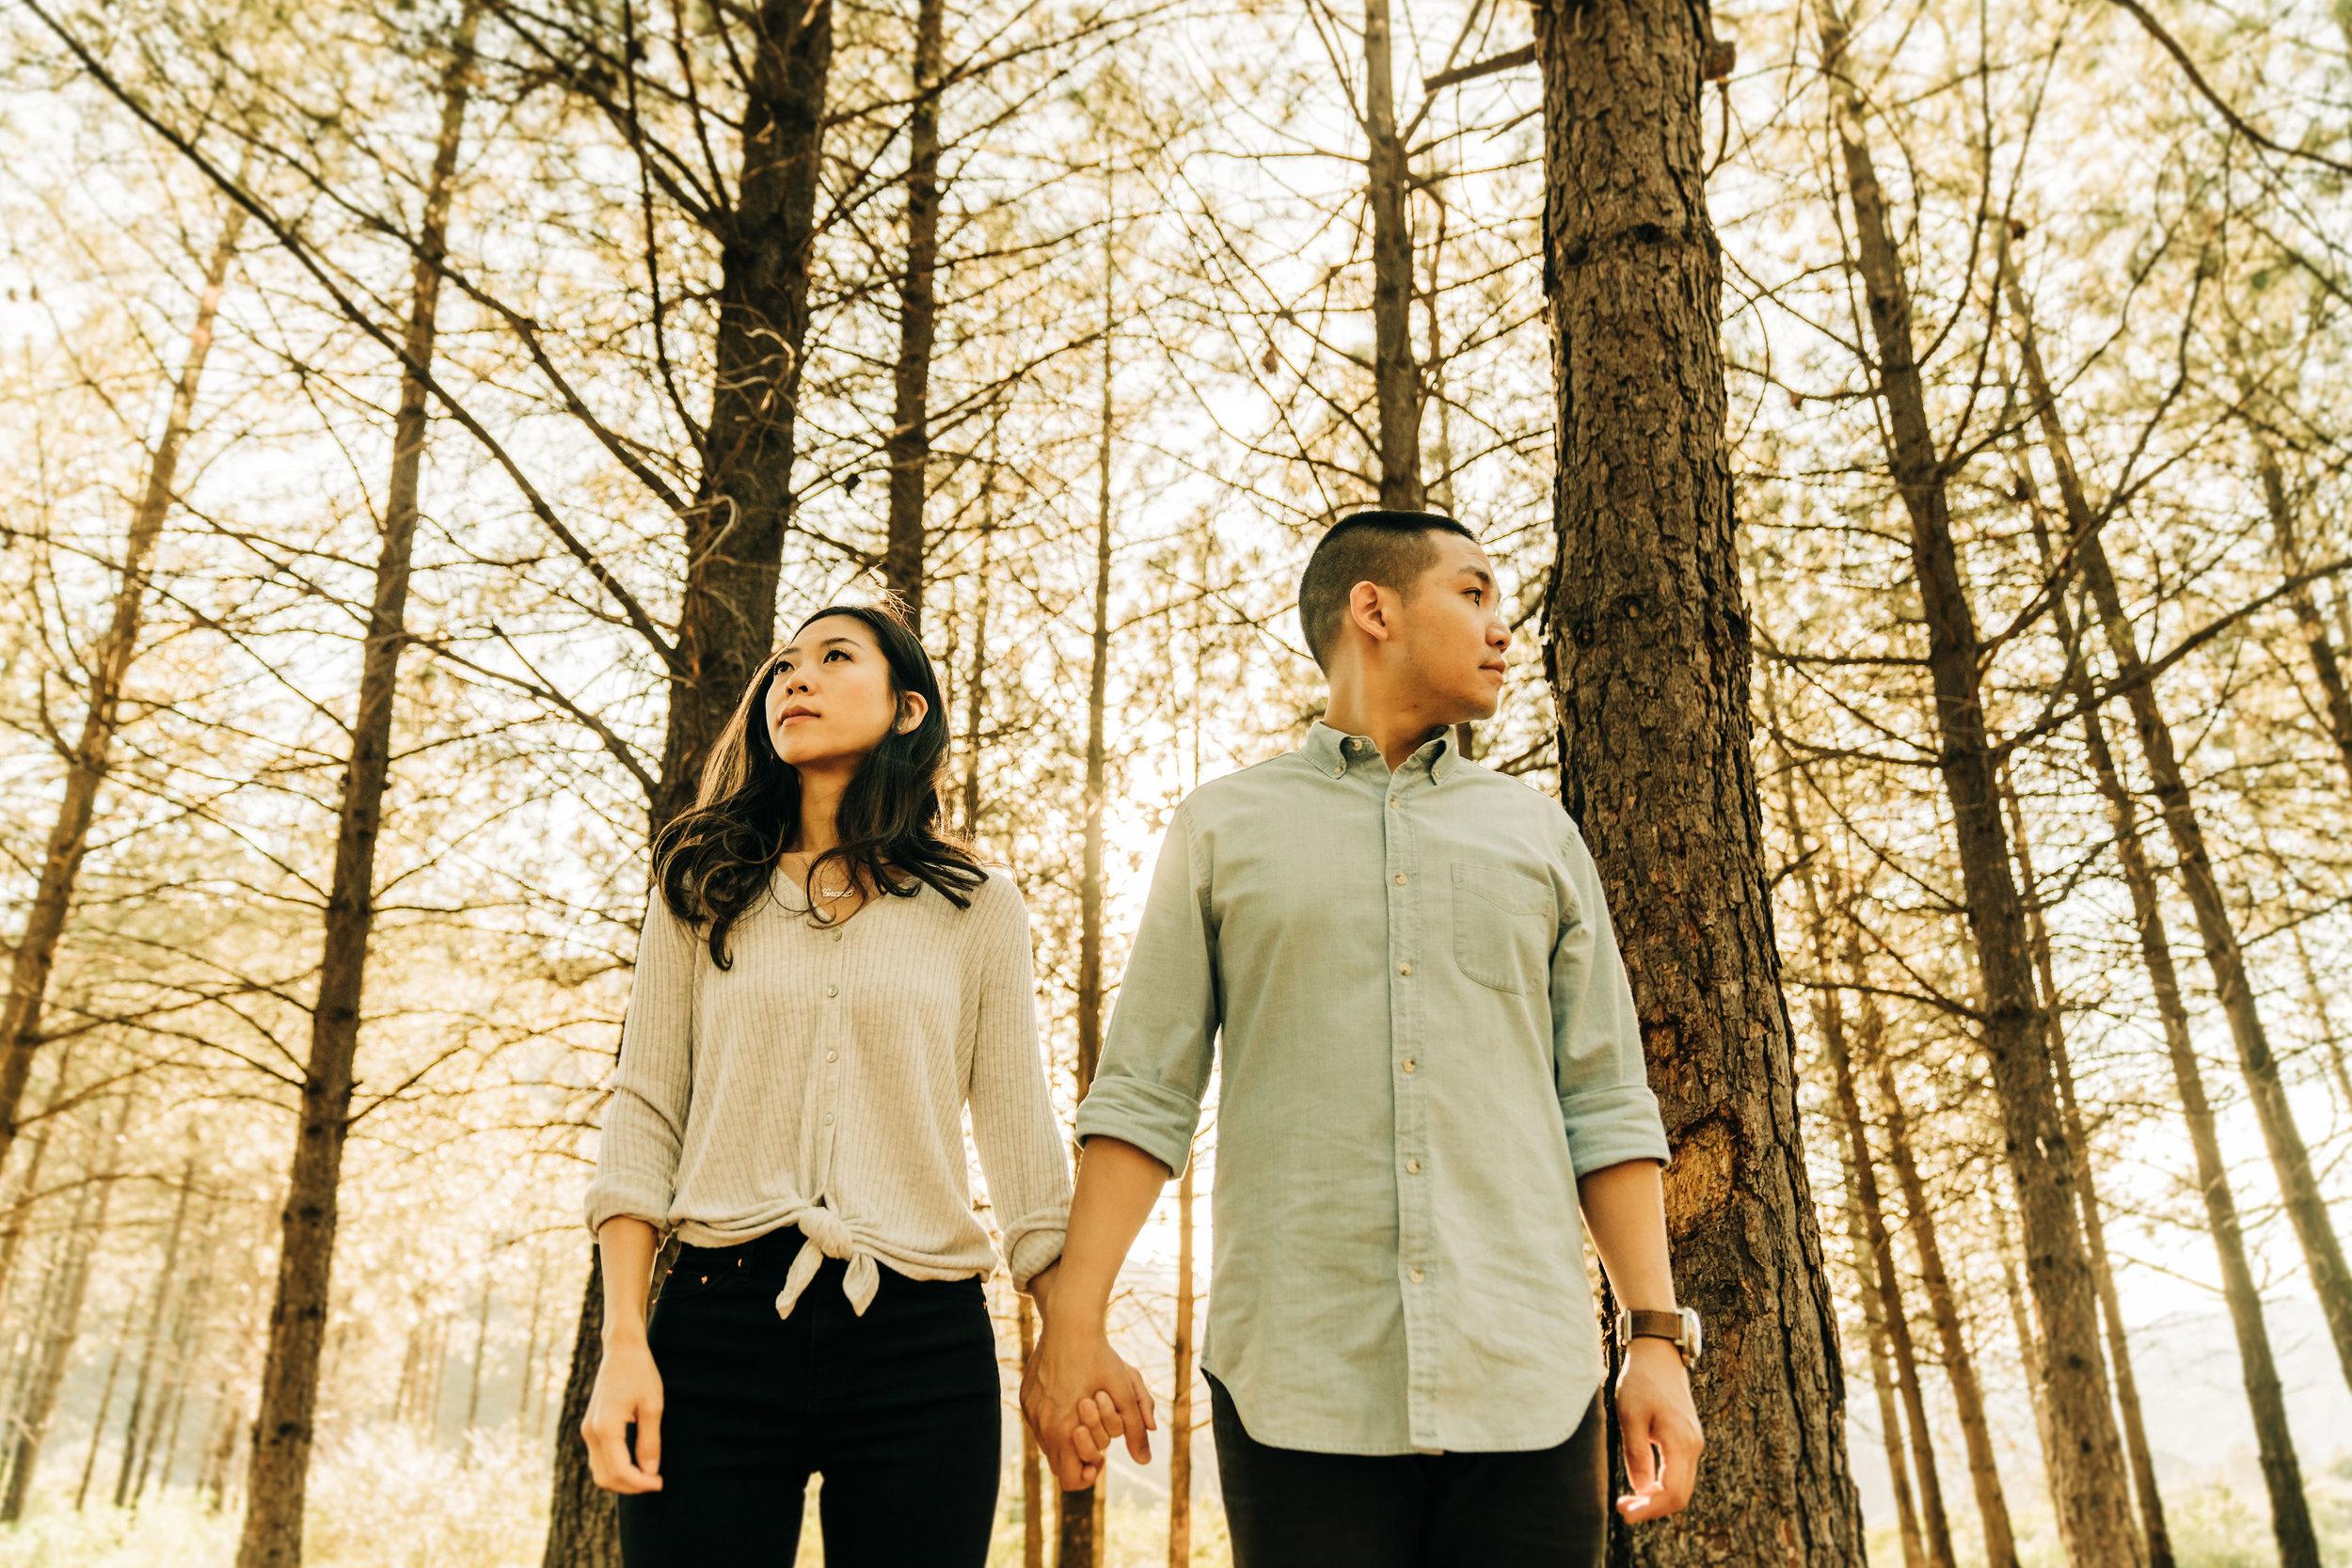 la-forest-engagement-photos-039.jpg